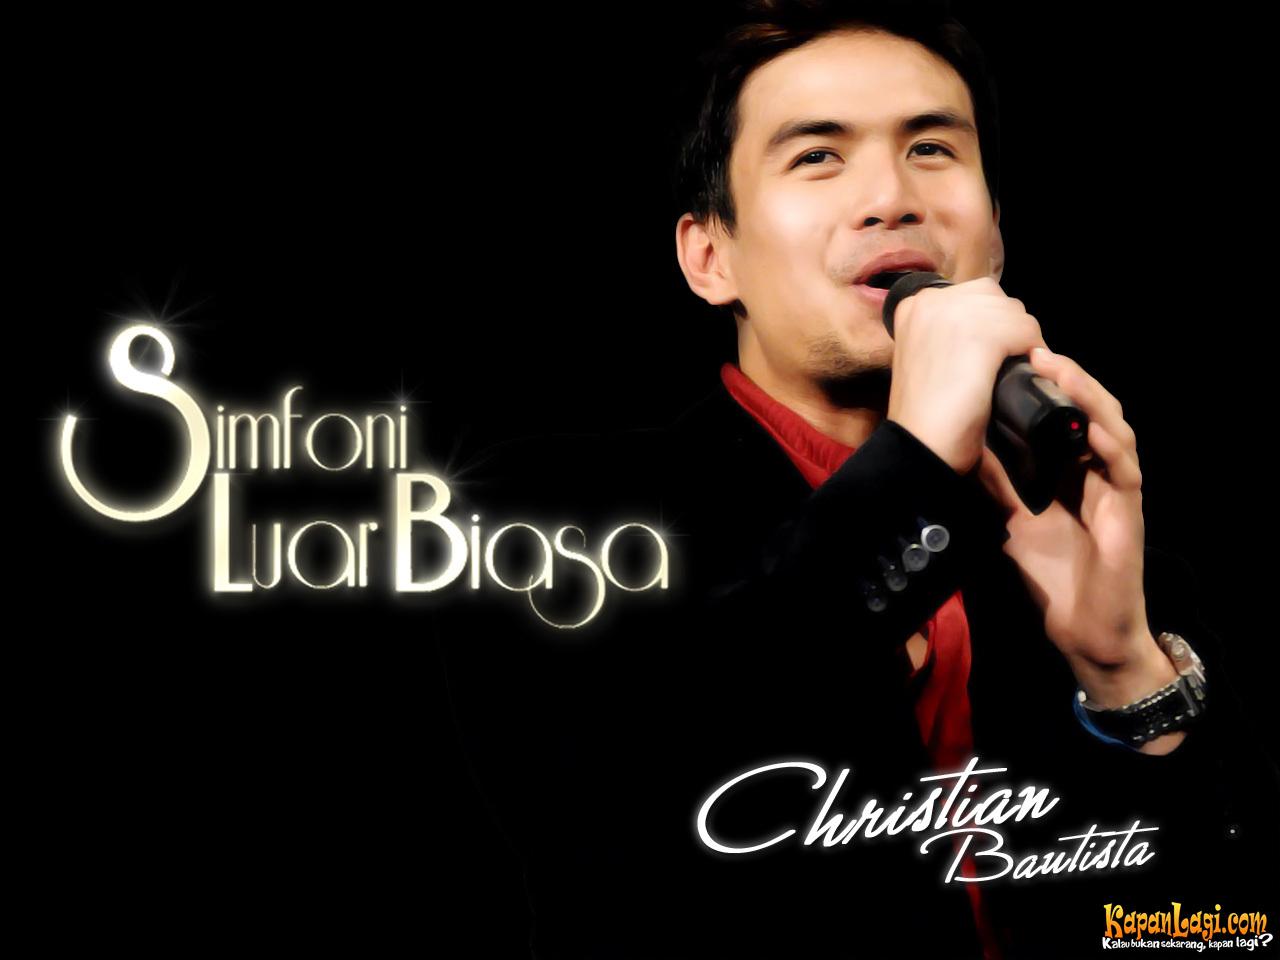 Christian Bautista - The Way You Look At Me Lyrics